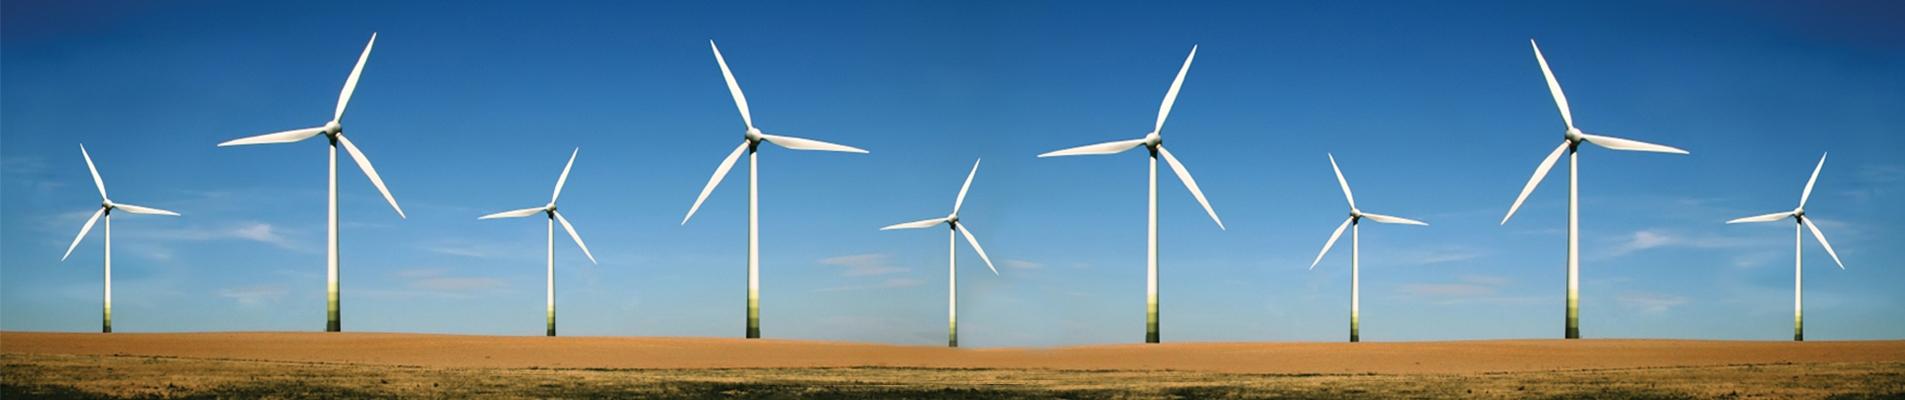 banner-market-energyenviroment-turbines